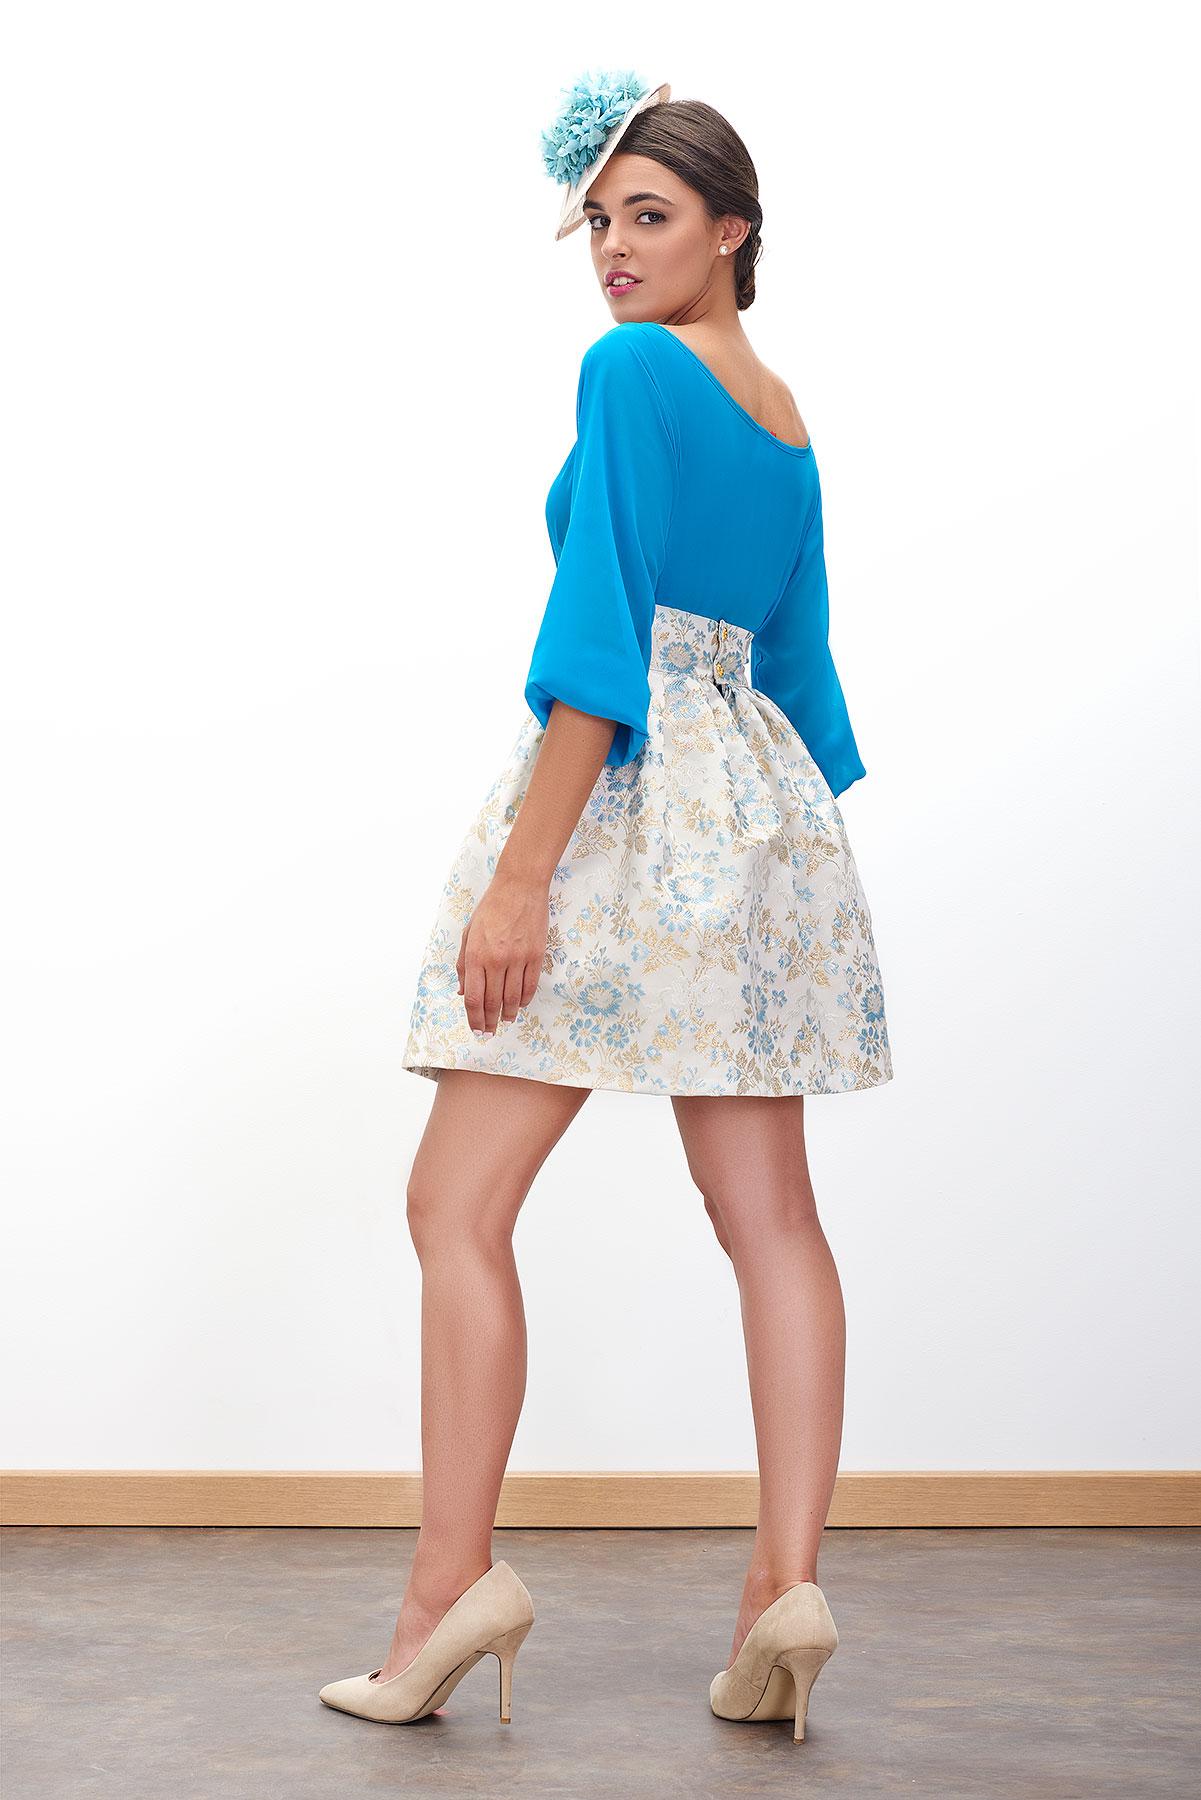 falda corta de fiesta con tonos azules de fatima angulo para fiesta